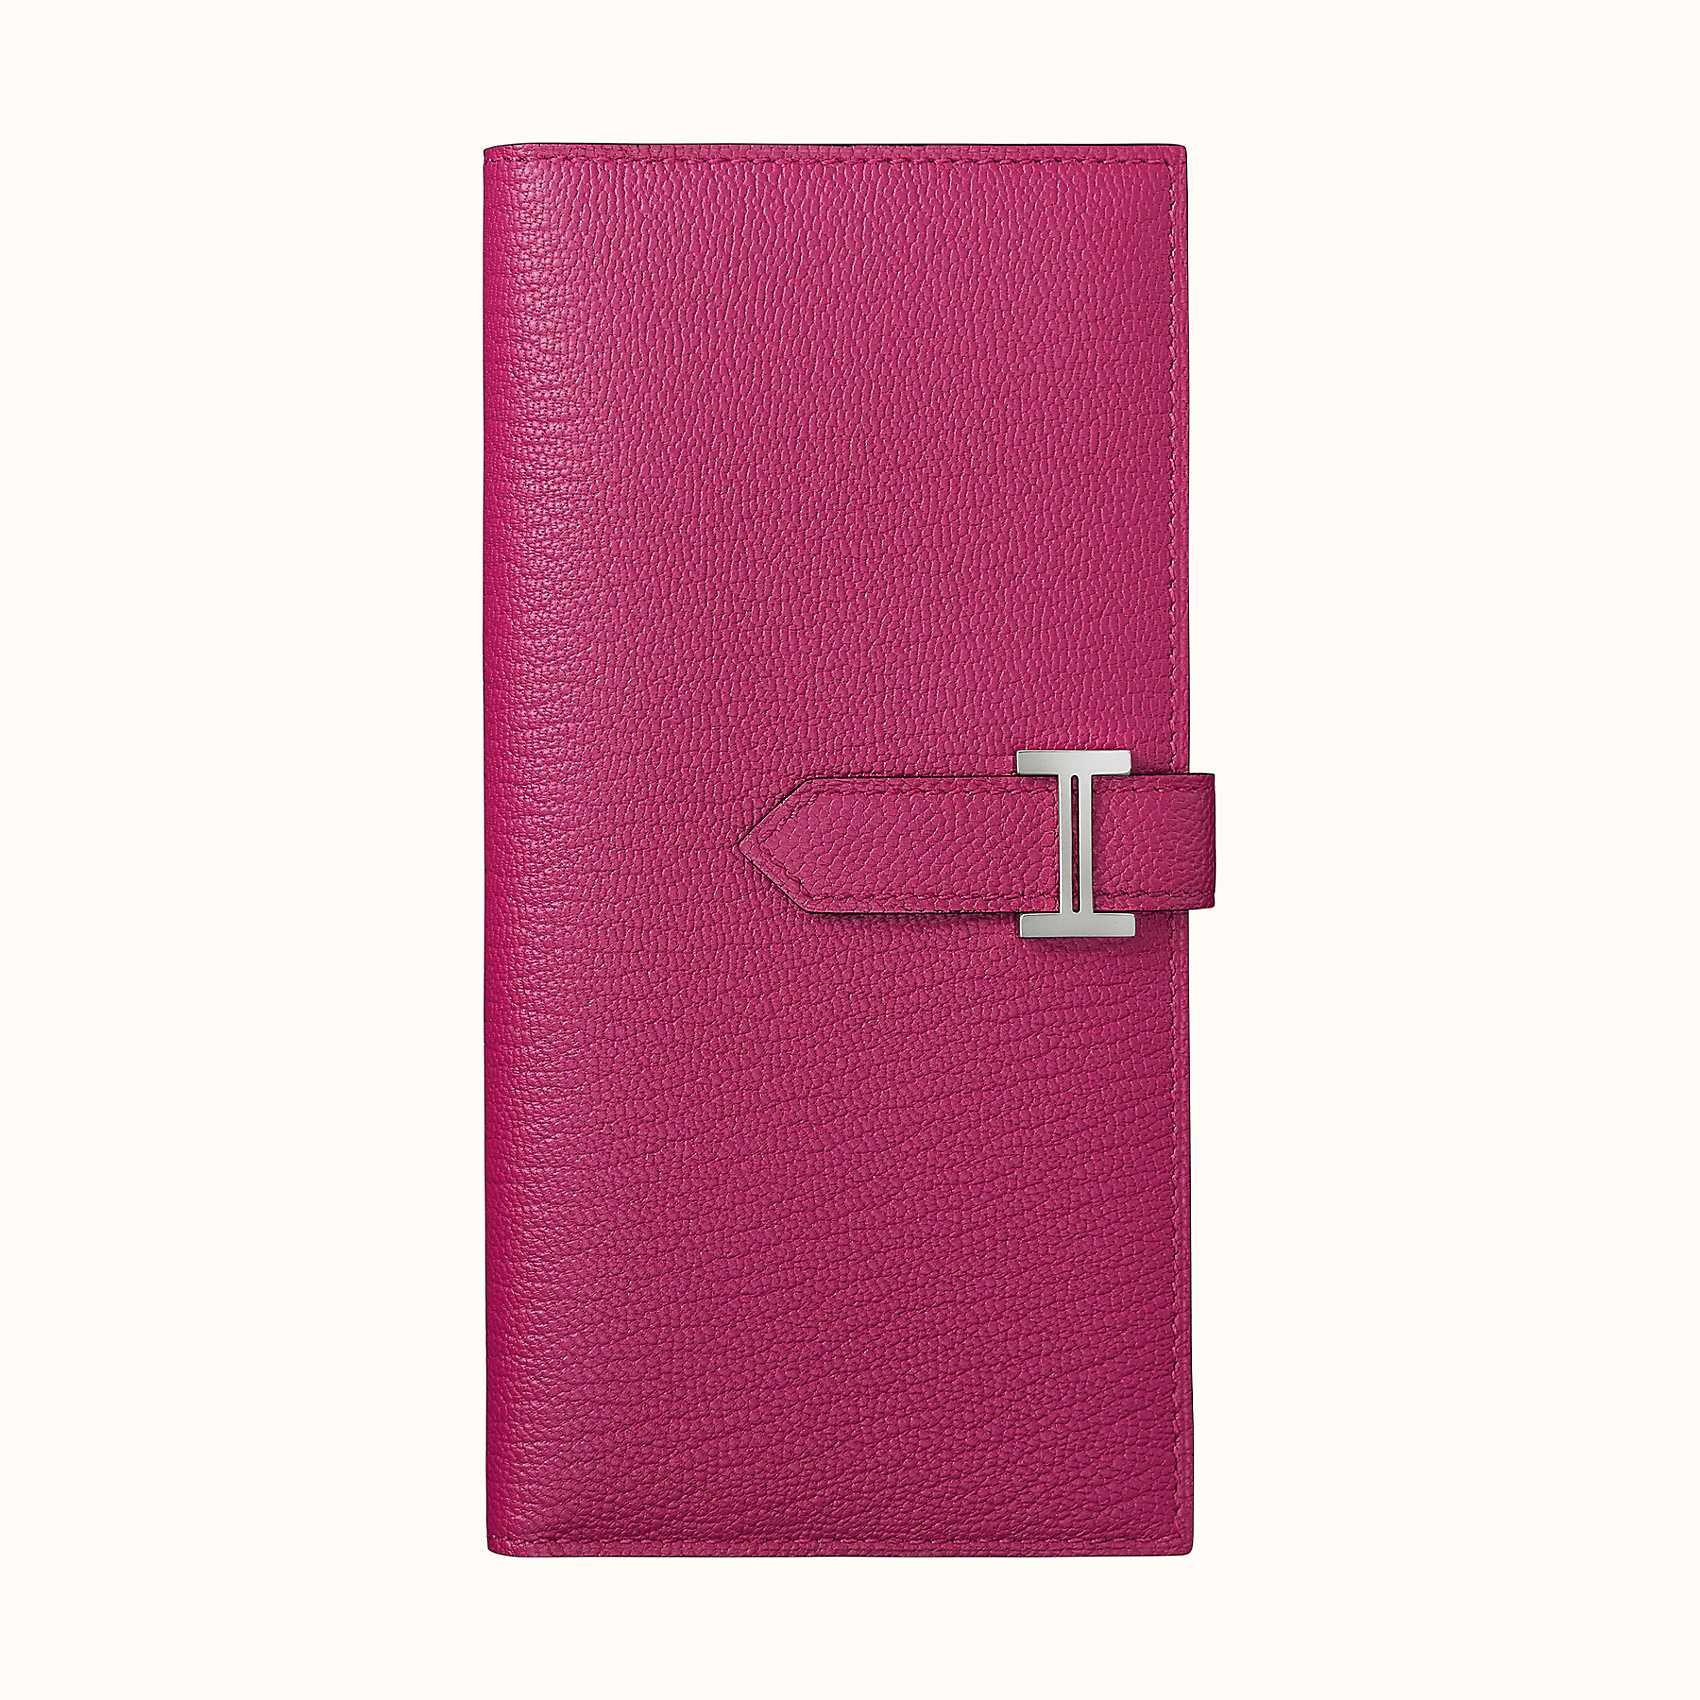 Hong Kong Hermes Portafoglio Béarn Classique CKL3 Rose Pourpre